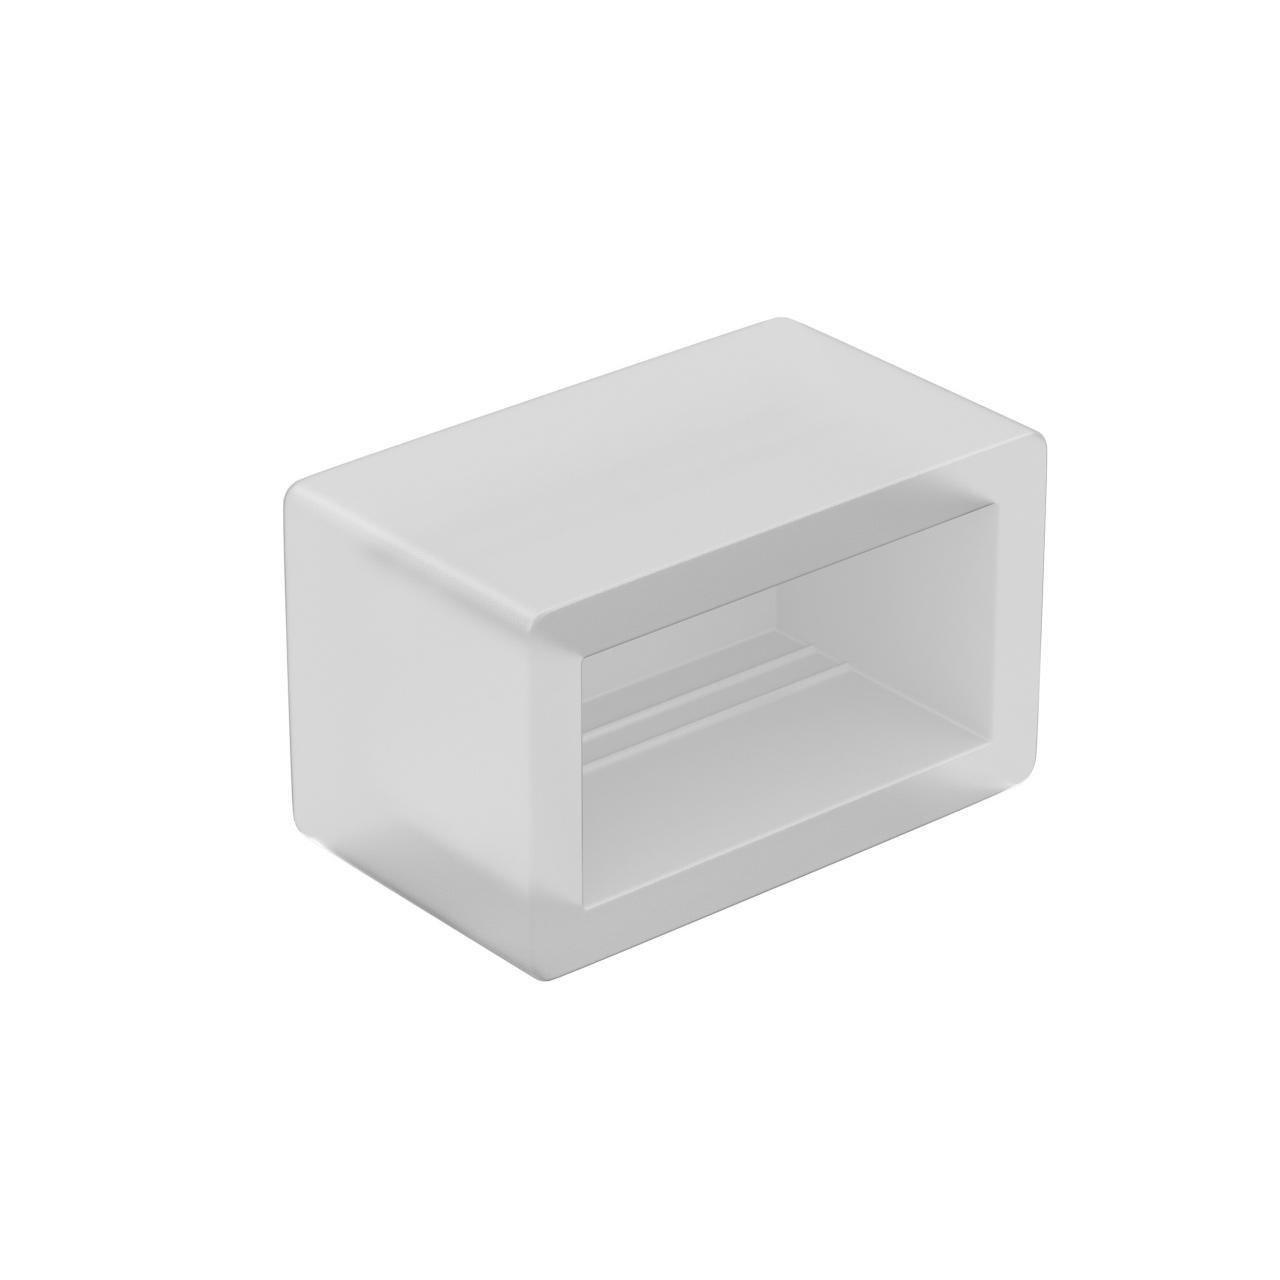 Заглушка изолирующая NEOLED для неоновой ленты 220 вольт Lightstar 430187